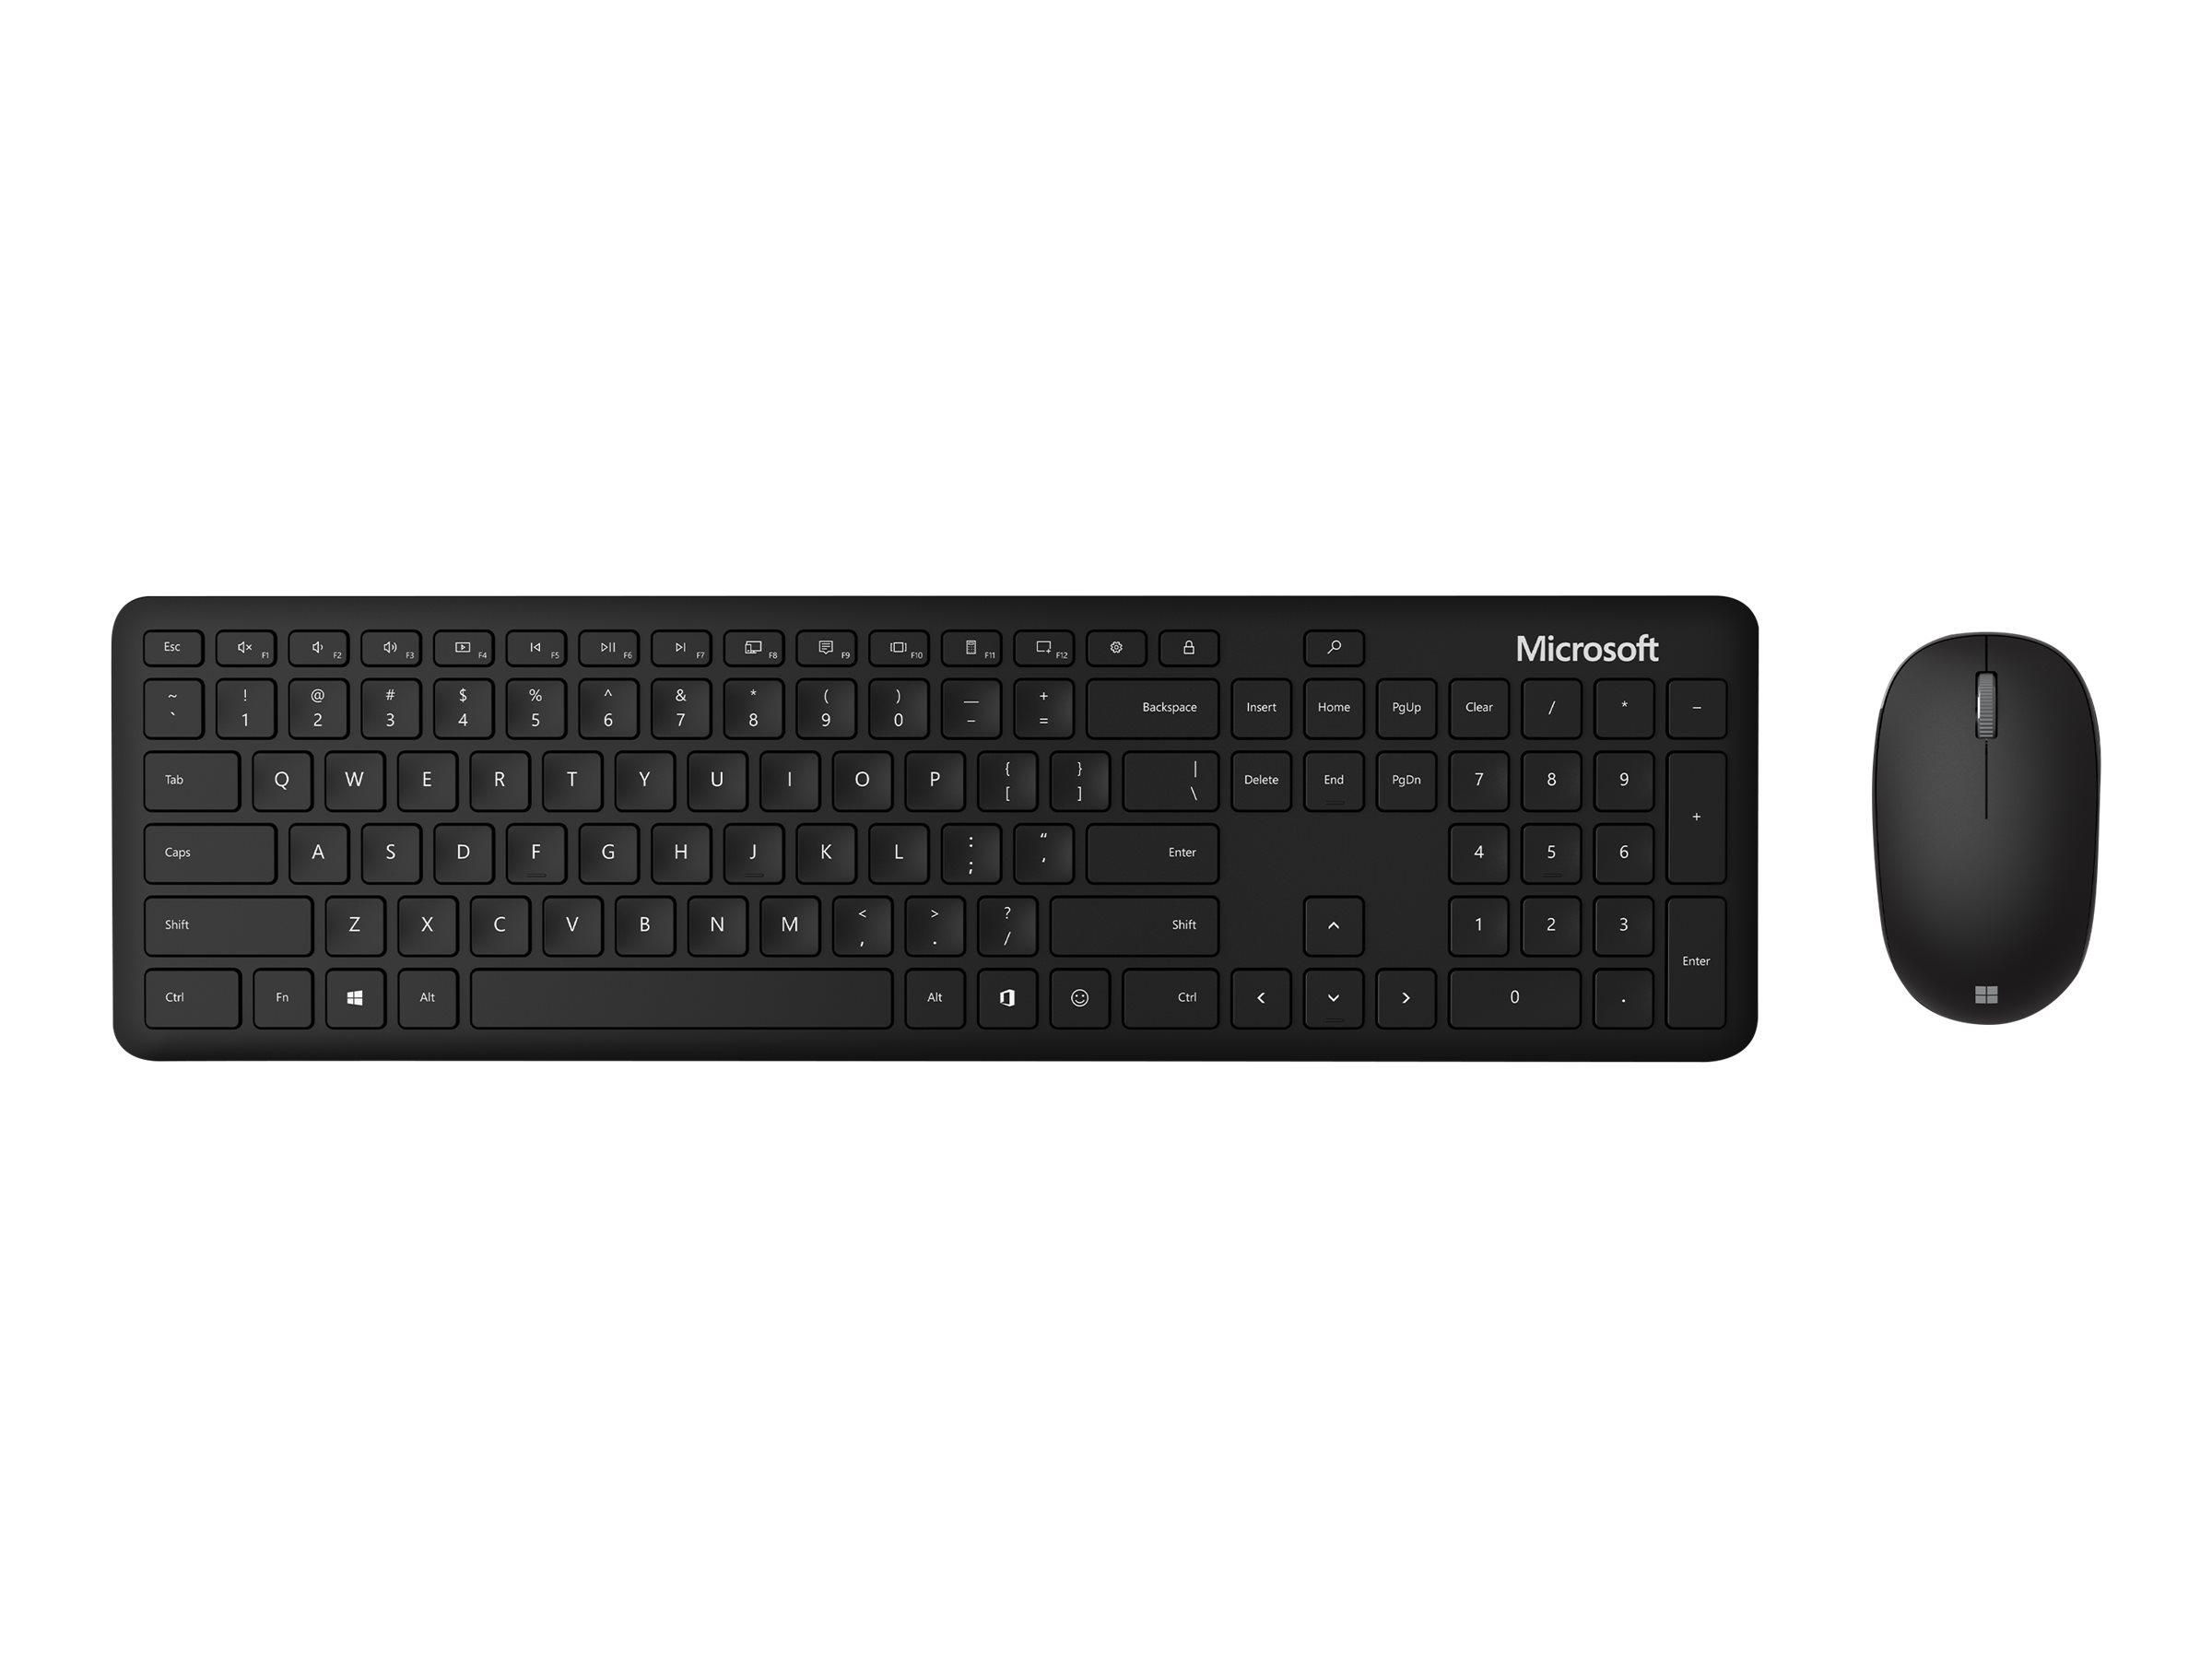 Microsoft Bluetooth Desktop - Für Unternehmen - Tastatur-und-Maus-Set - kabellos - Bluetooth 4.0 - Luxemburgisch